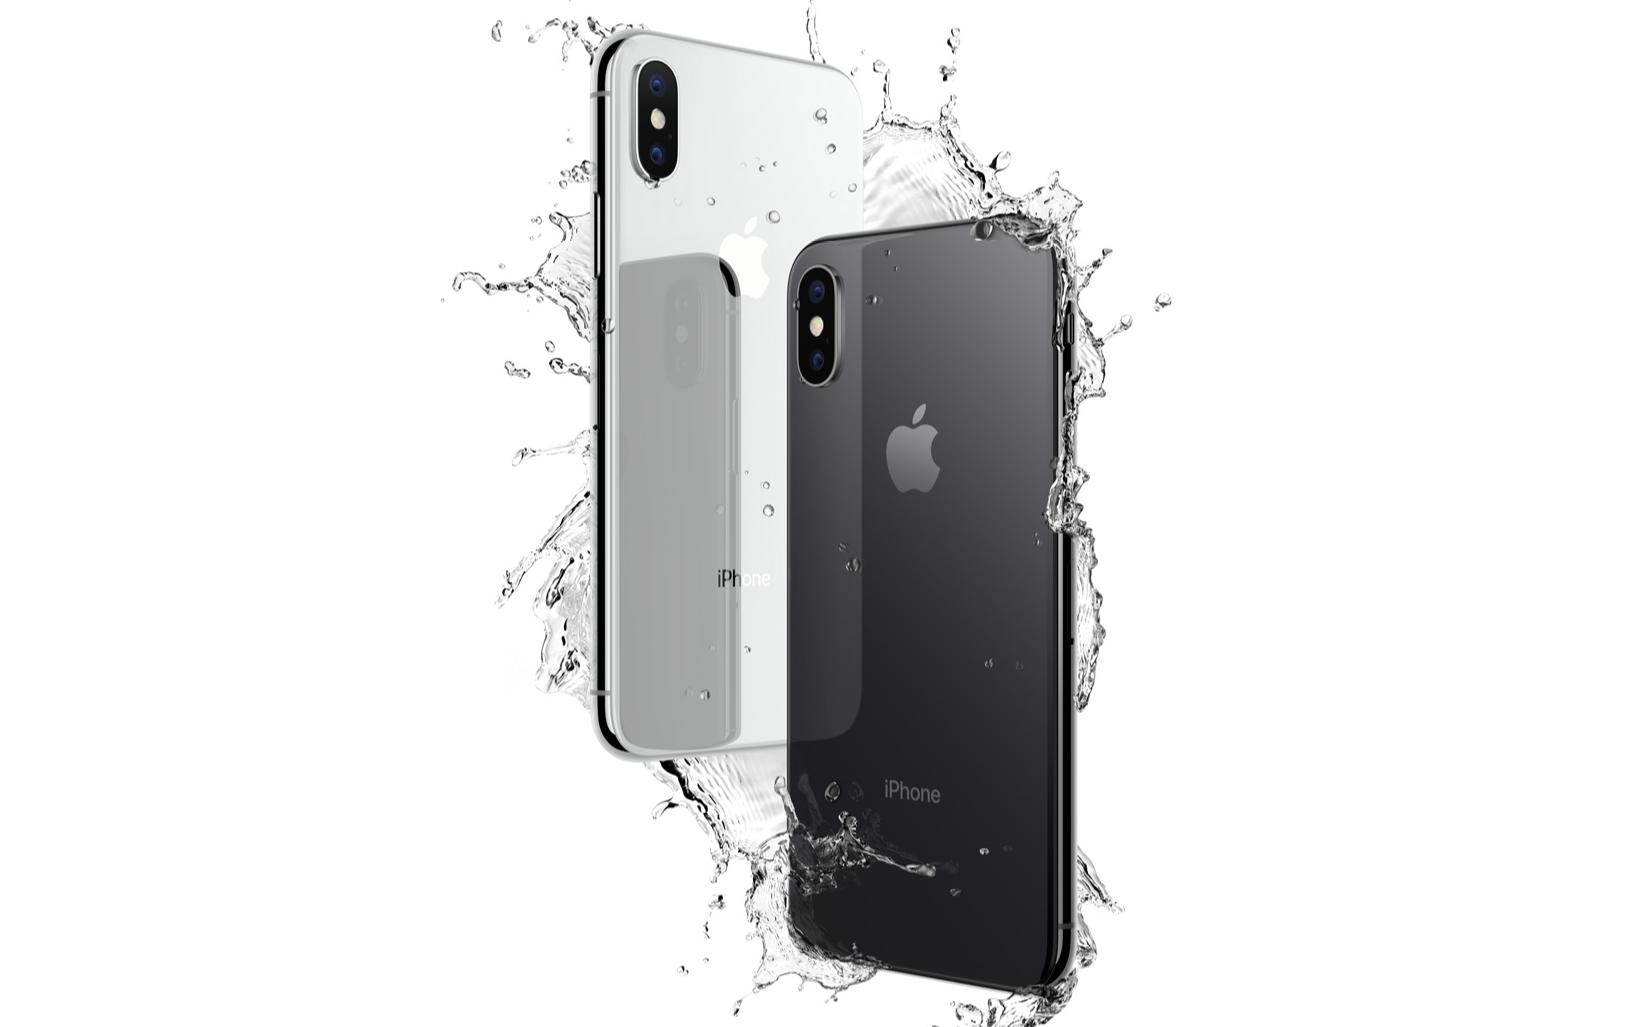 iPhone X tuyệt đấy nhưng ước gì nó có thêm bốn đặc điểm này - Ảnh 4.